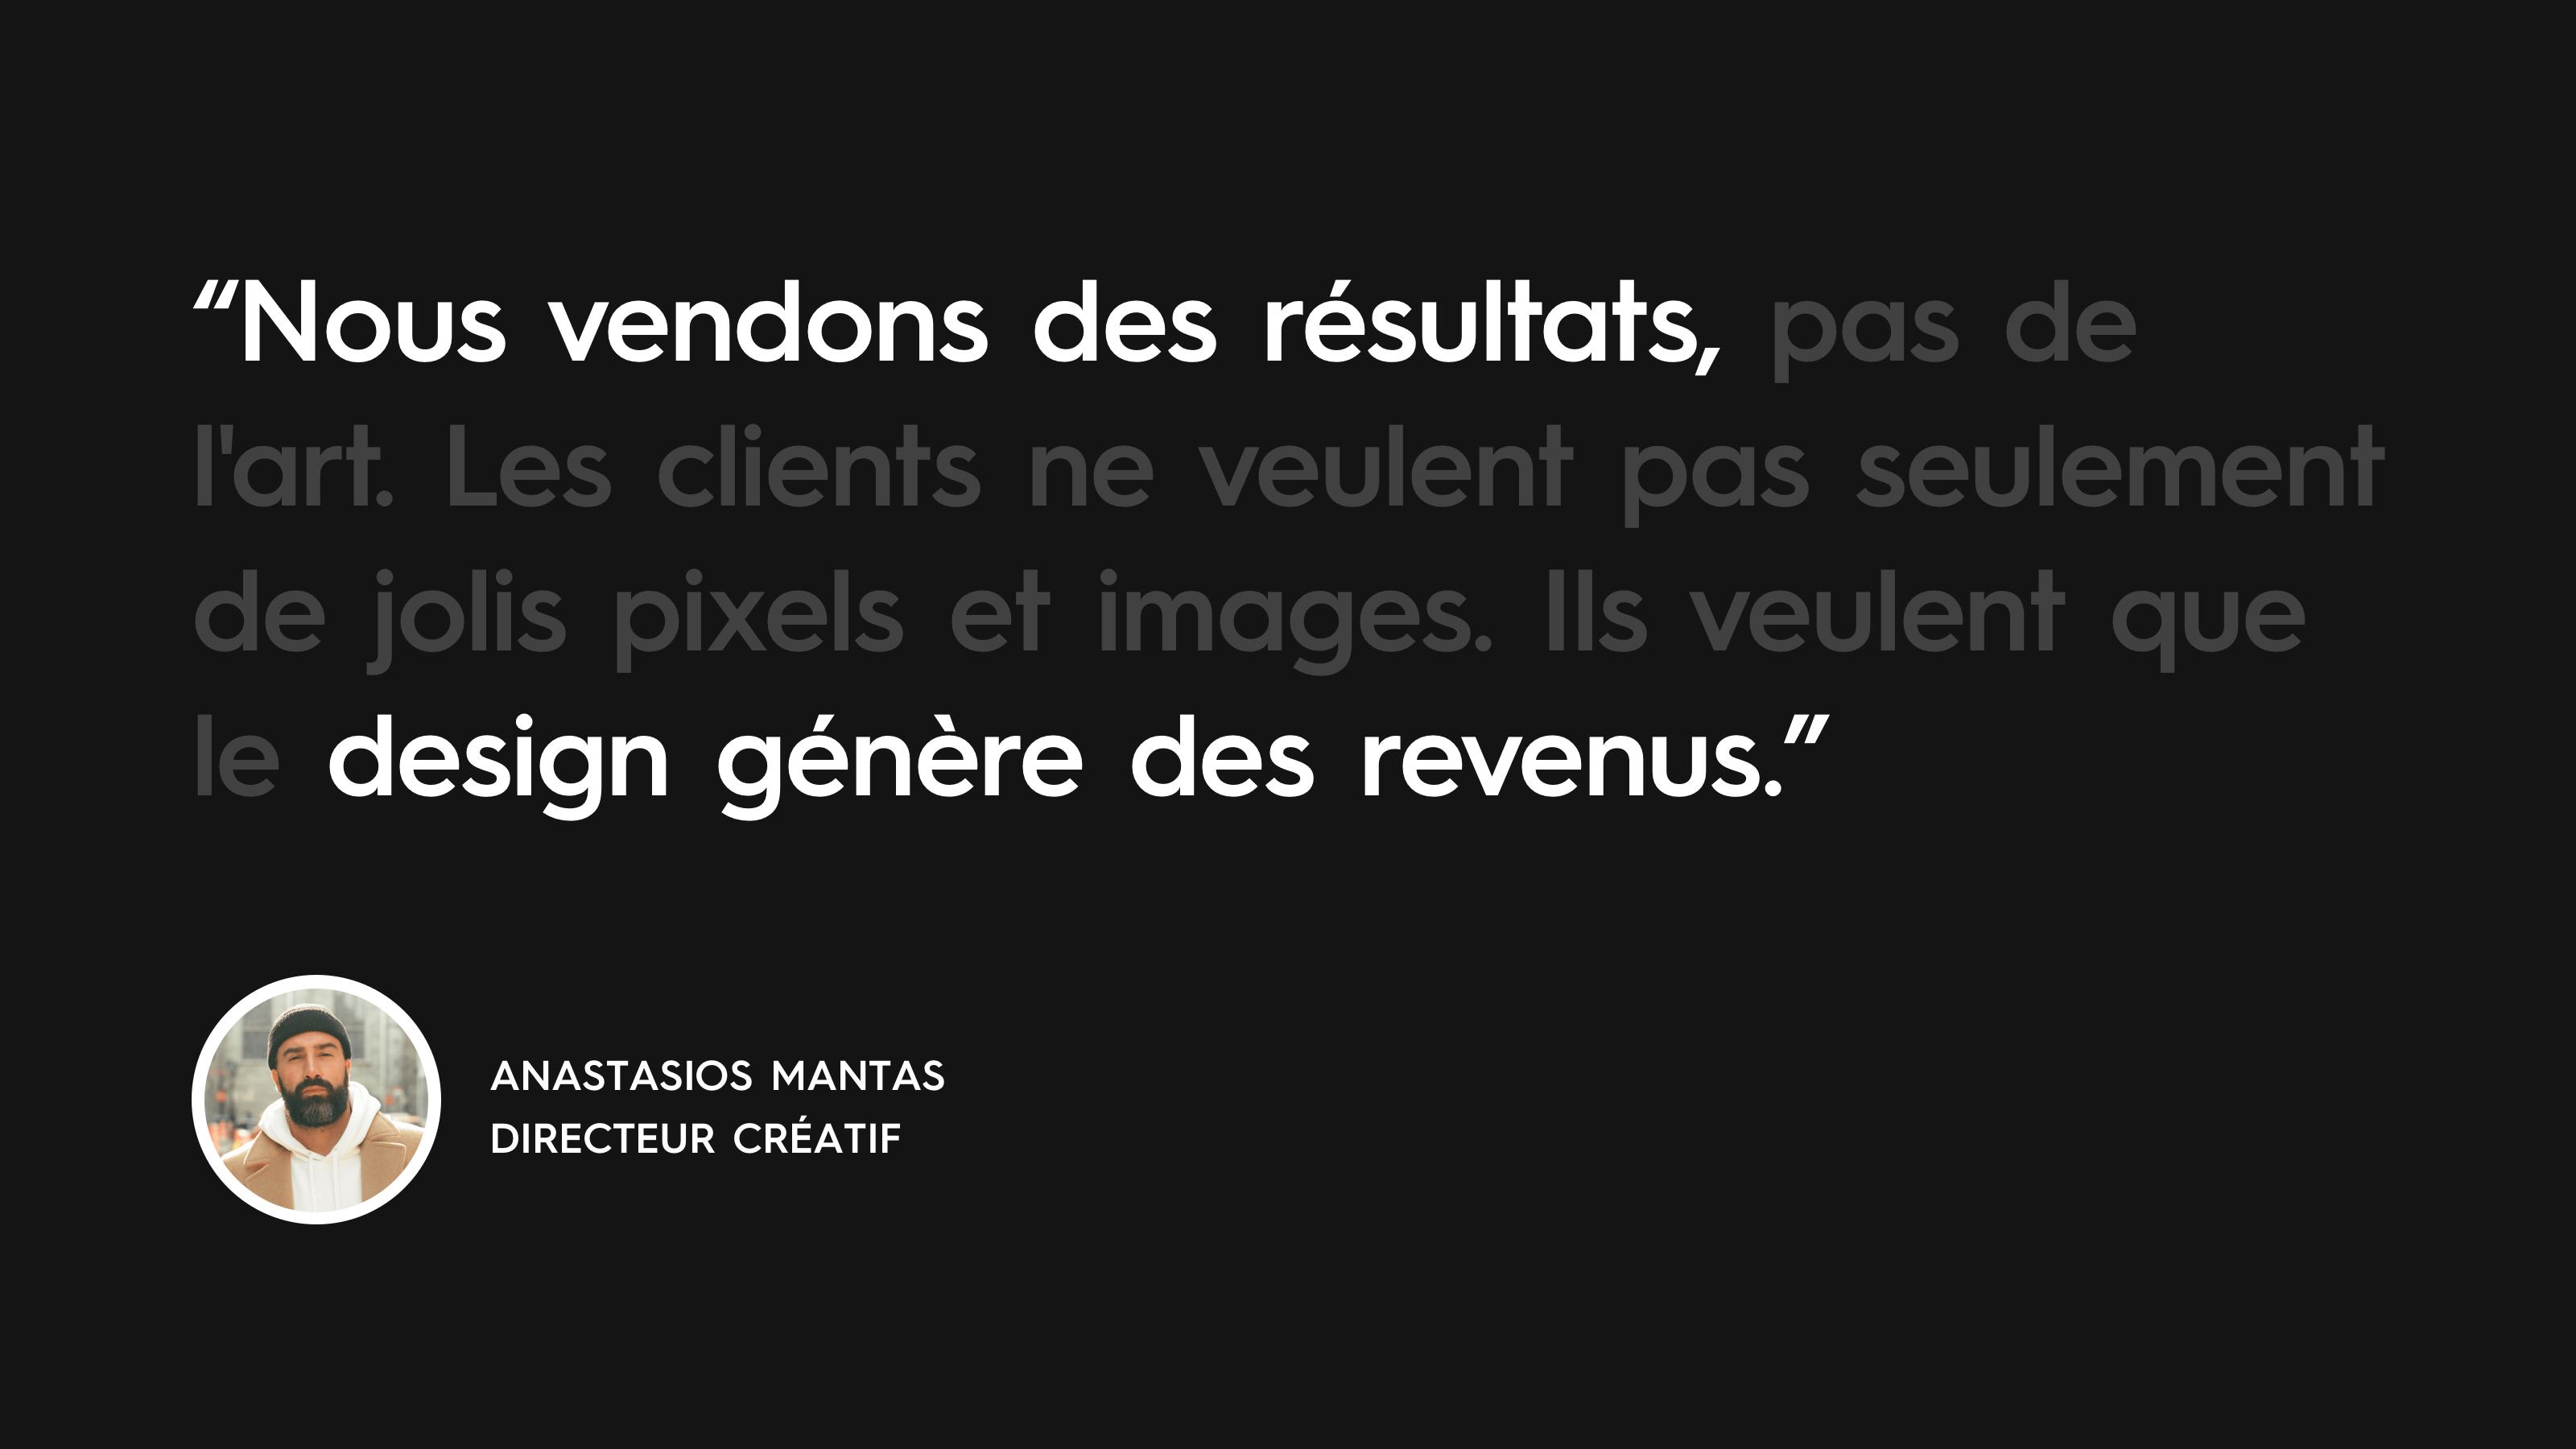 Anastasios Mantas quote: «Nous vendons des résultats, pas de l'art. Les clients ne veulent pas seulement de jolis pixels et images. Ils veulent que le design génère des revenus. »